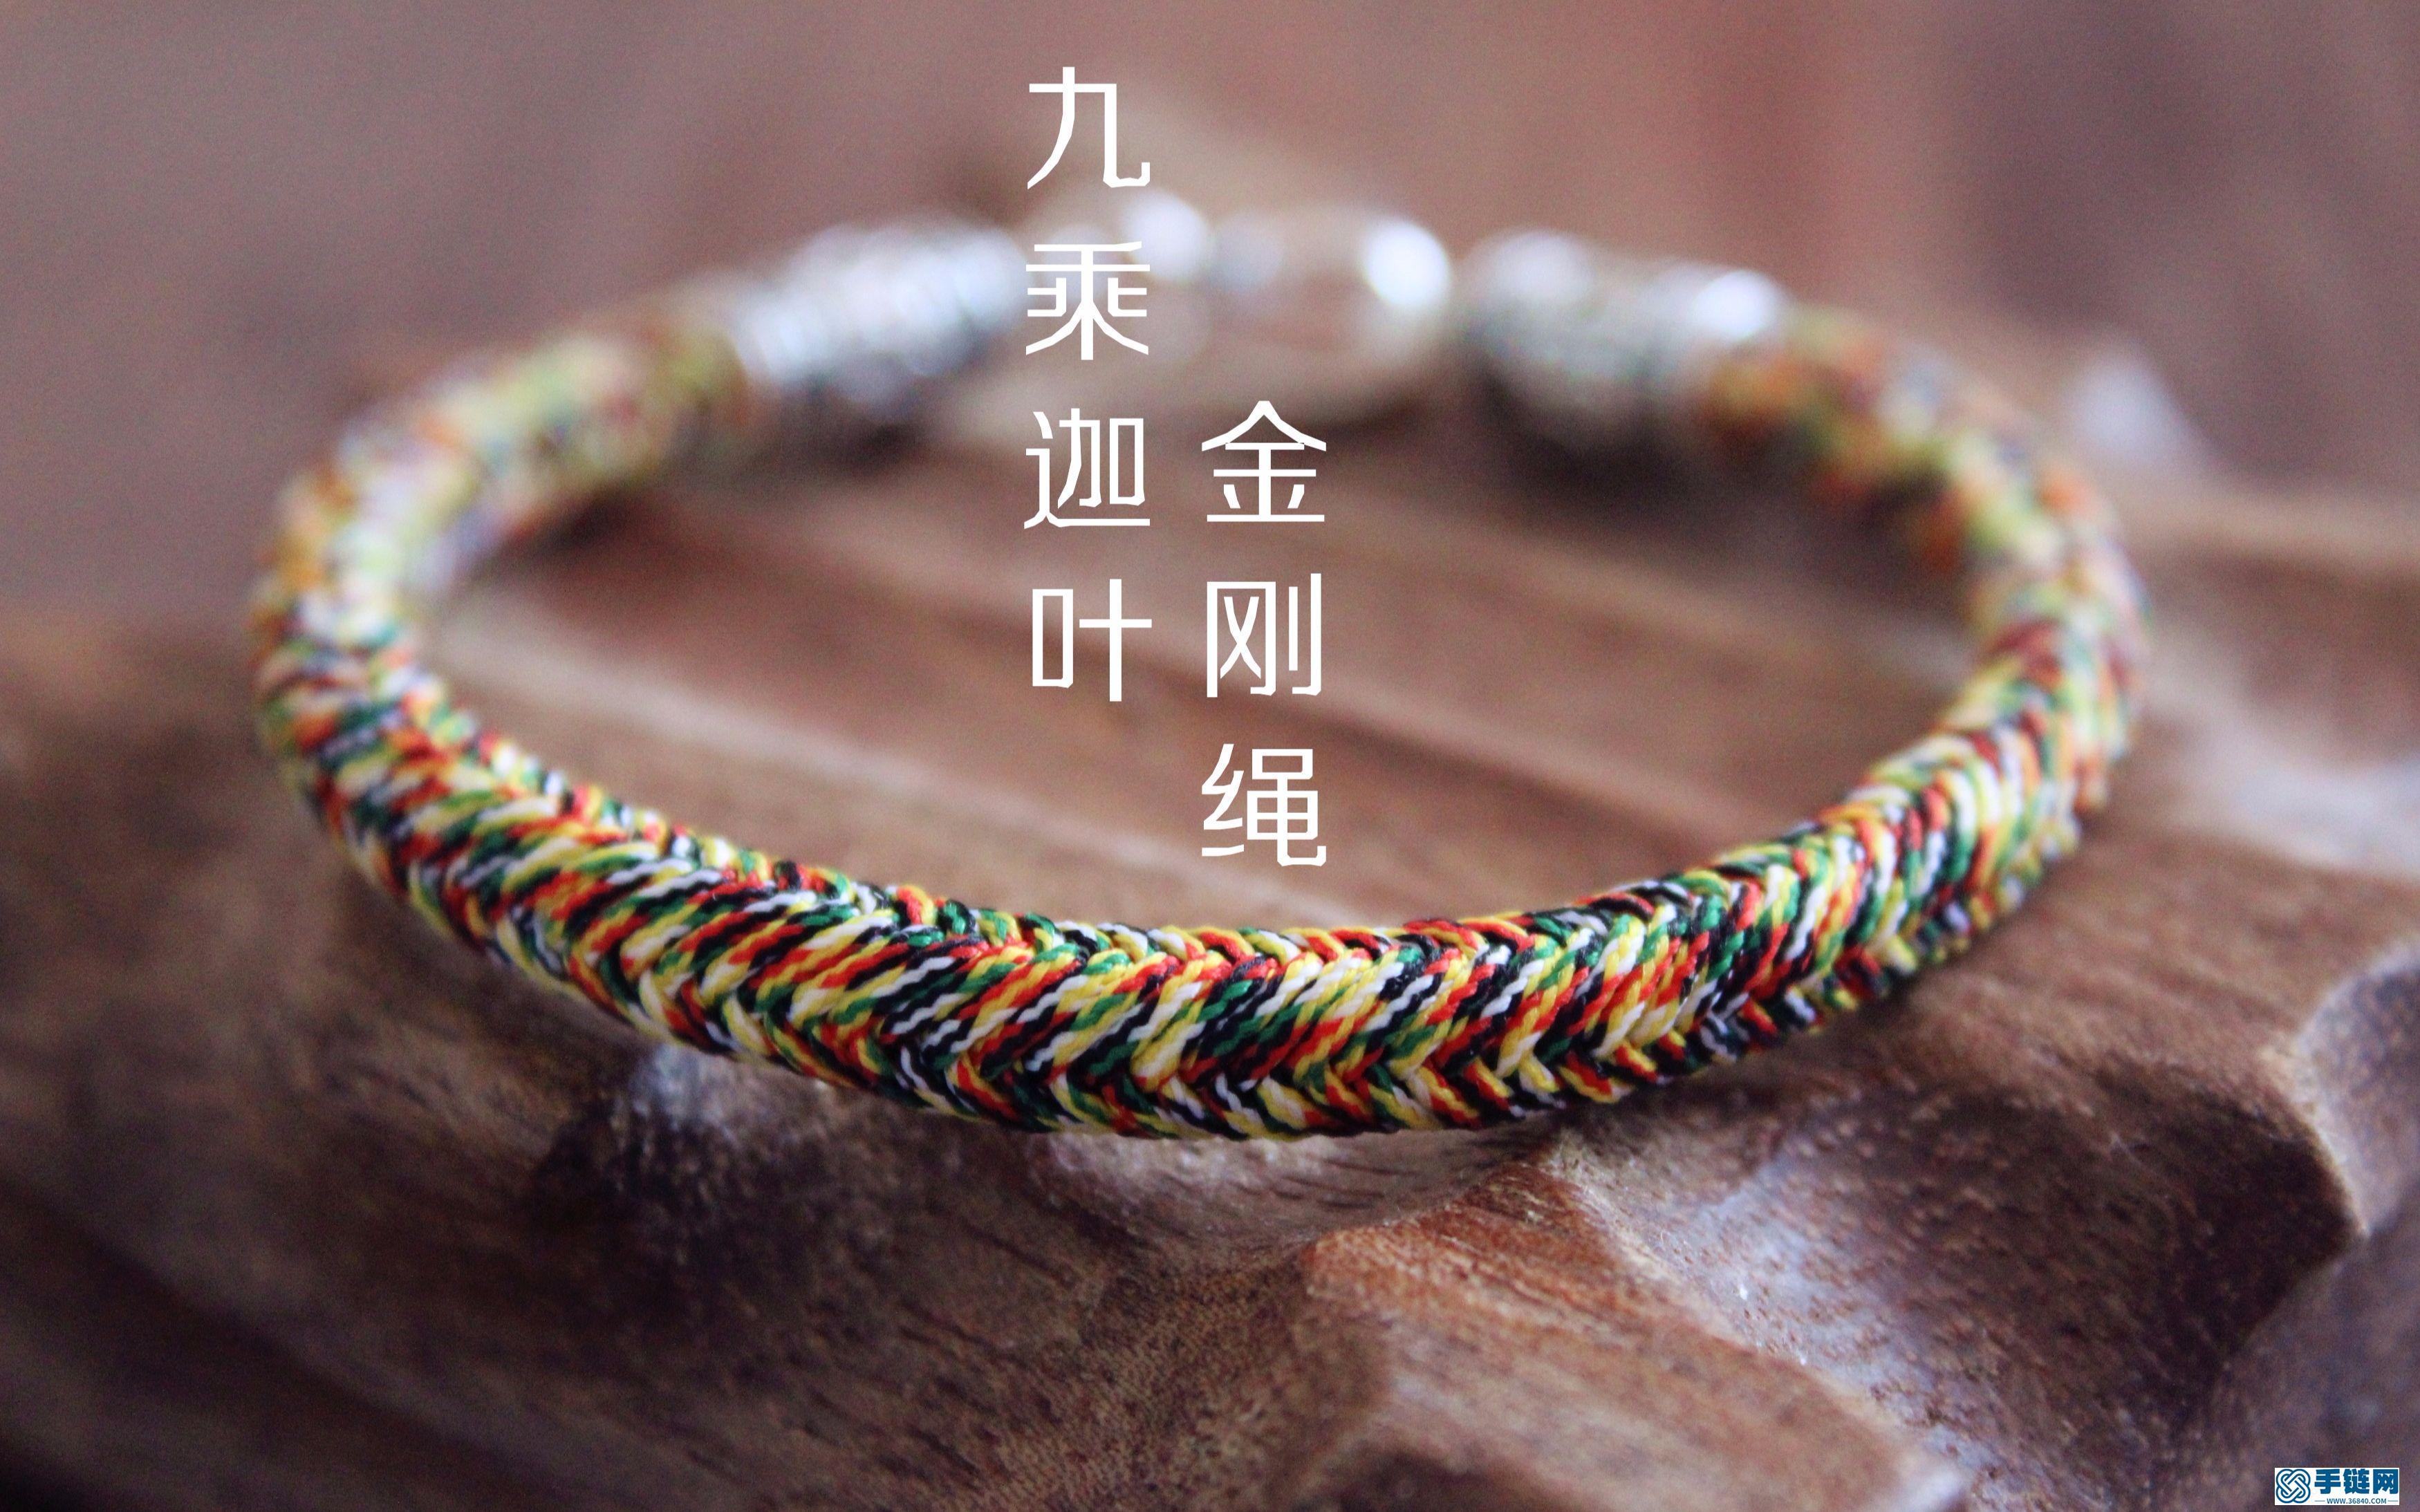 九乘迦叶 一缕青丝金刚绳 护身个性手绳~内置管子可做藏头发的手绳哦